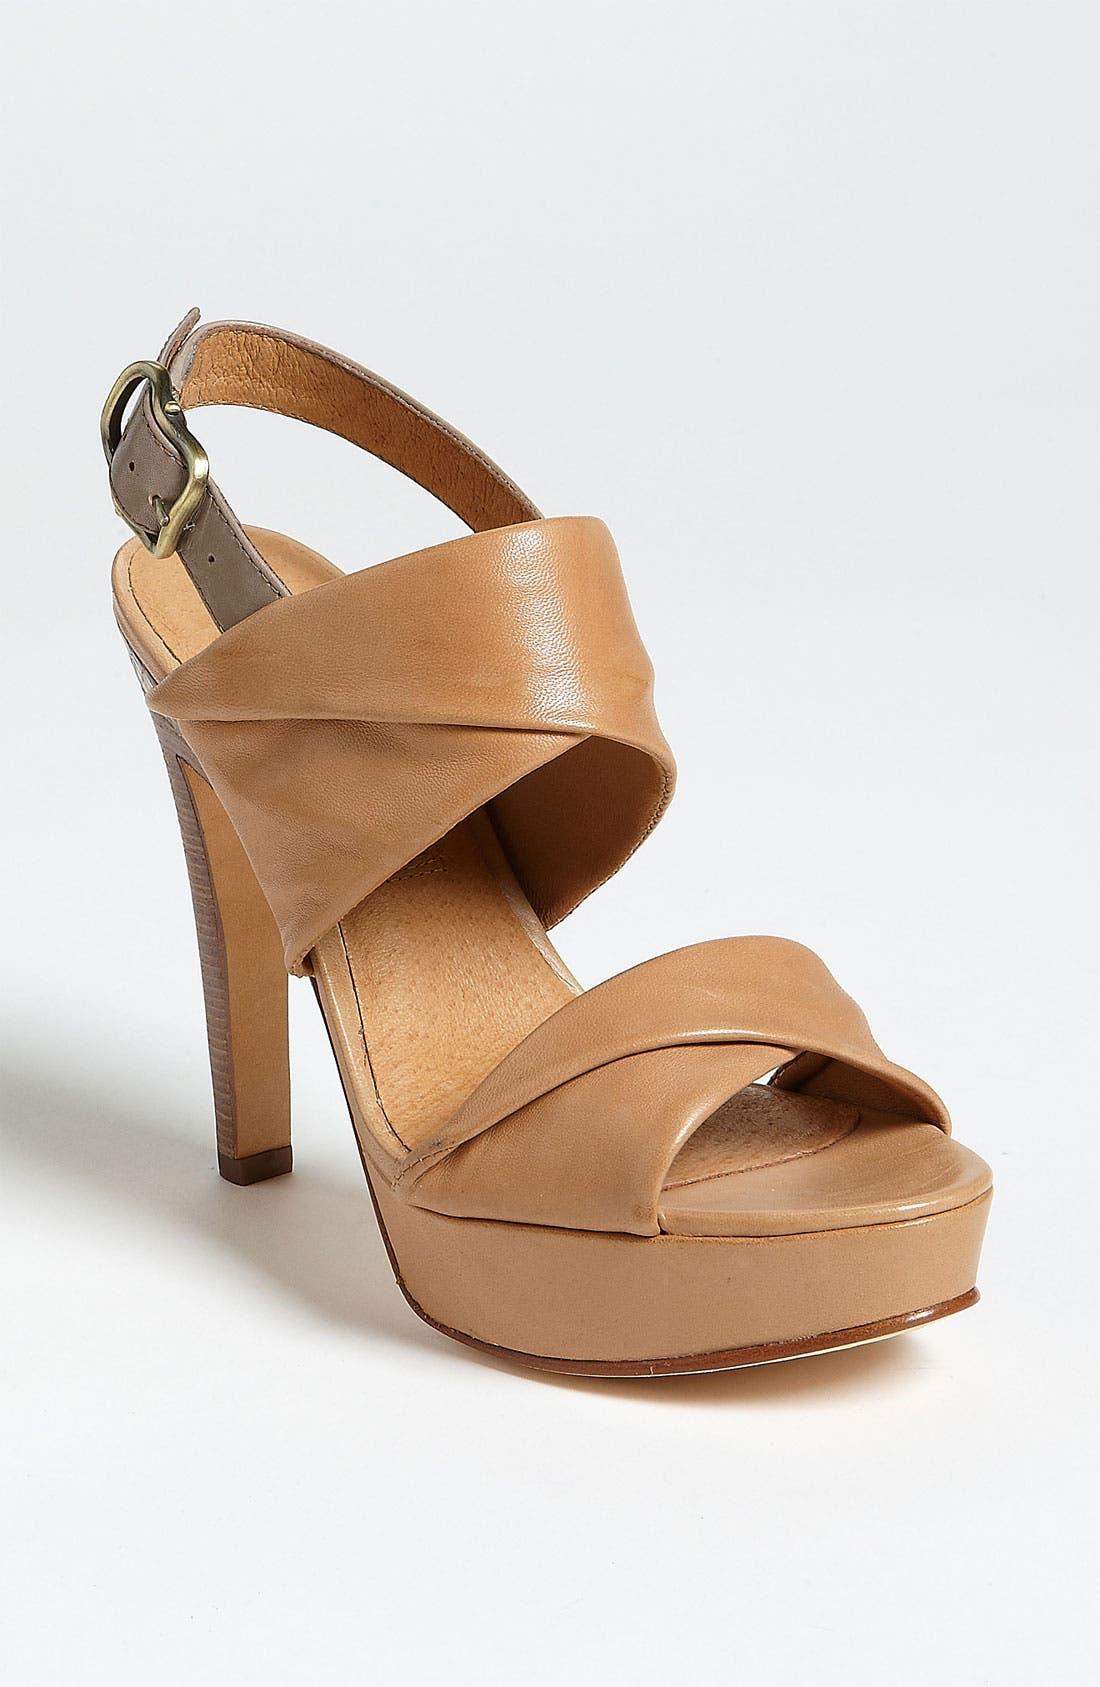 Alternate Image 1 Selected - Modern Vintage 'Norma' Sandal